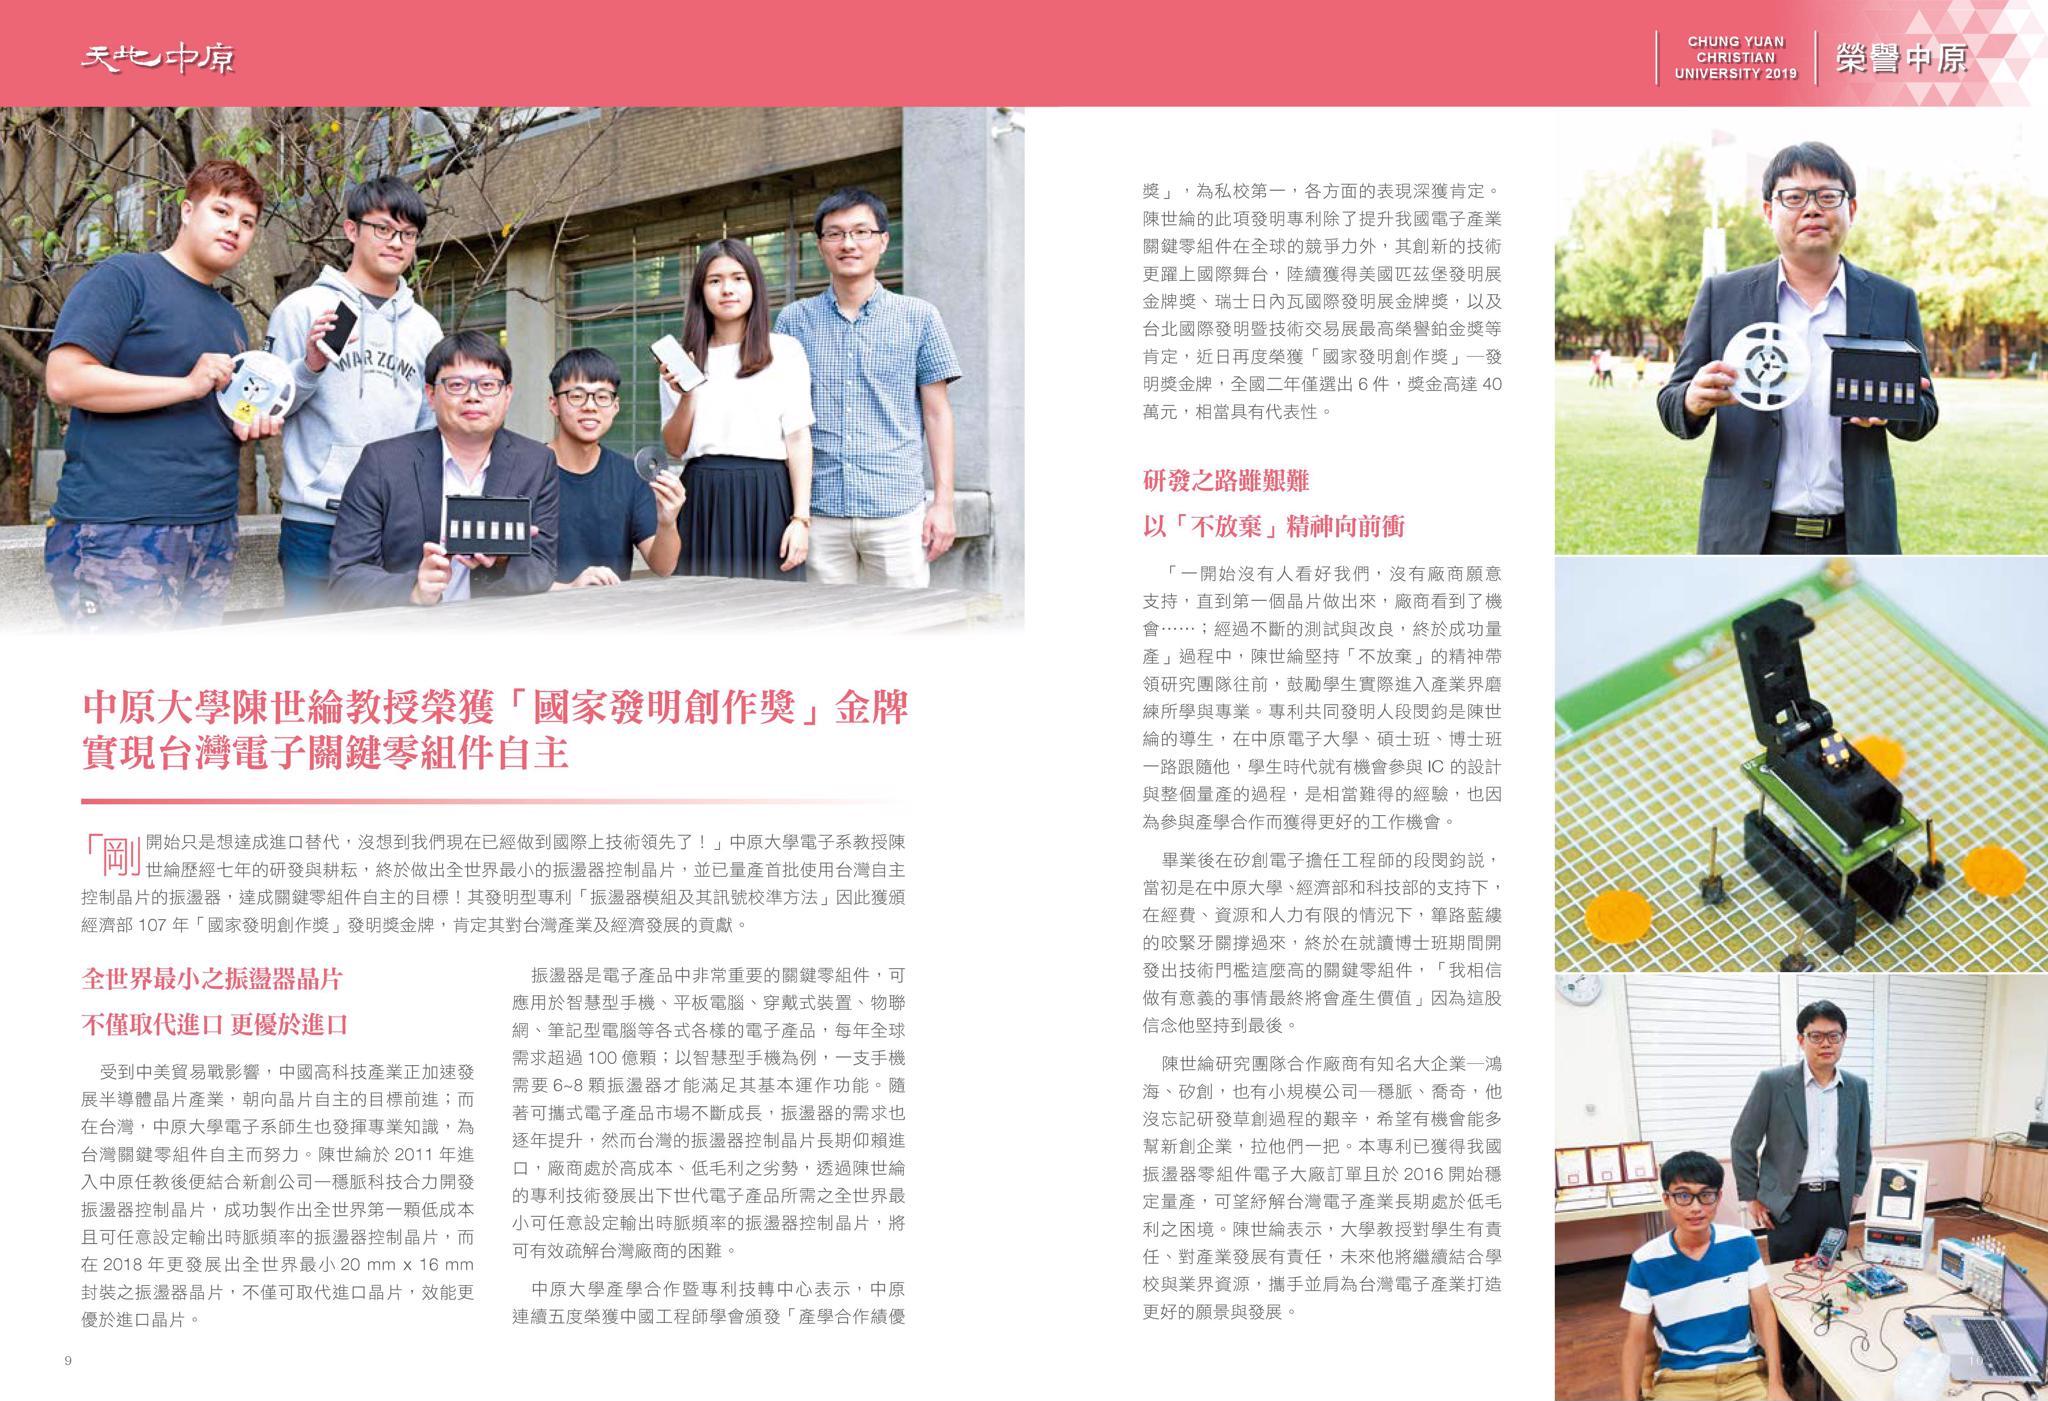 中原大學陳世綸教授榮獲「國家發明創作獎」金牌   實現台灣電子關鍵零自主